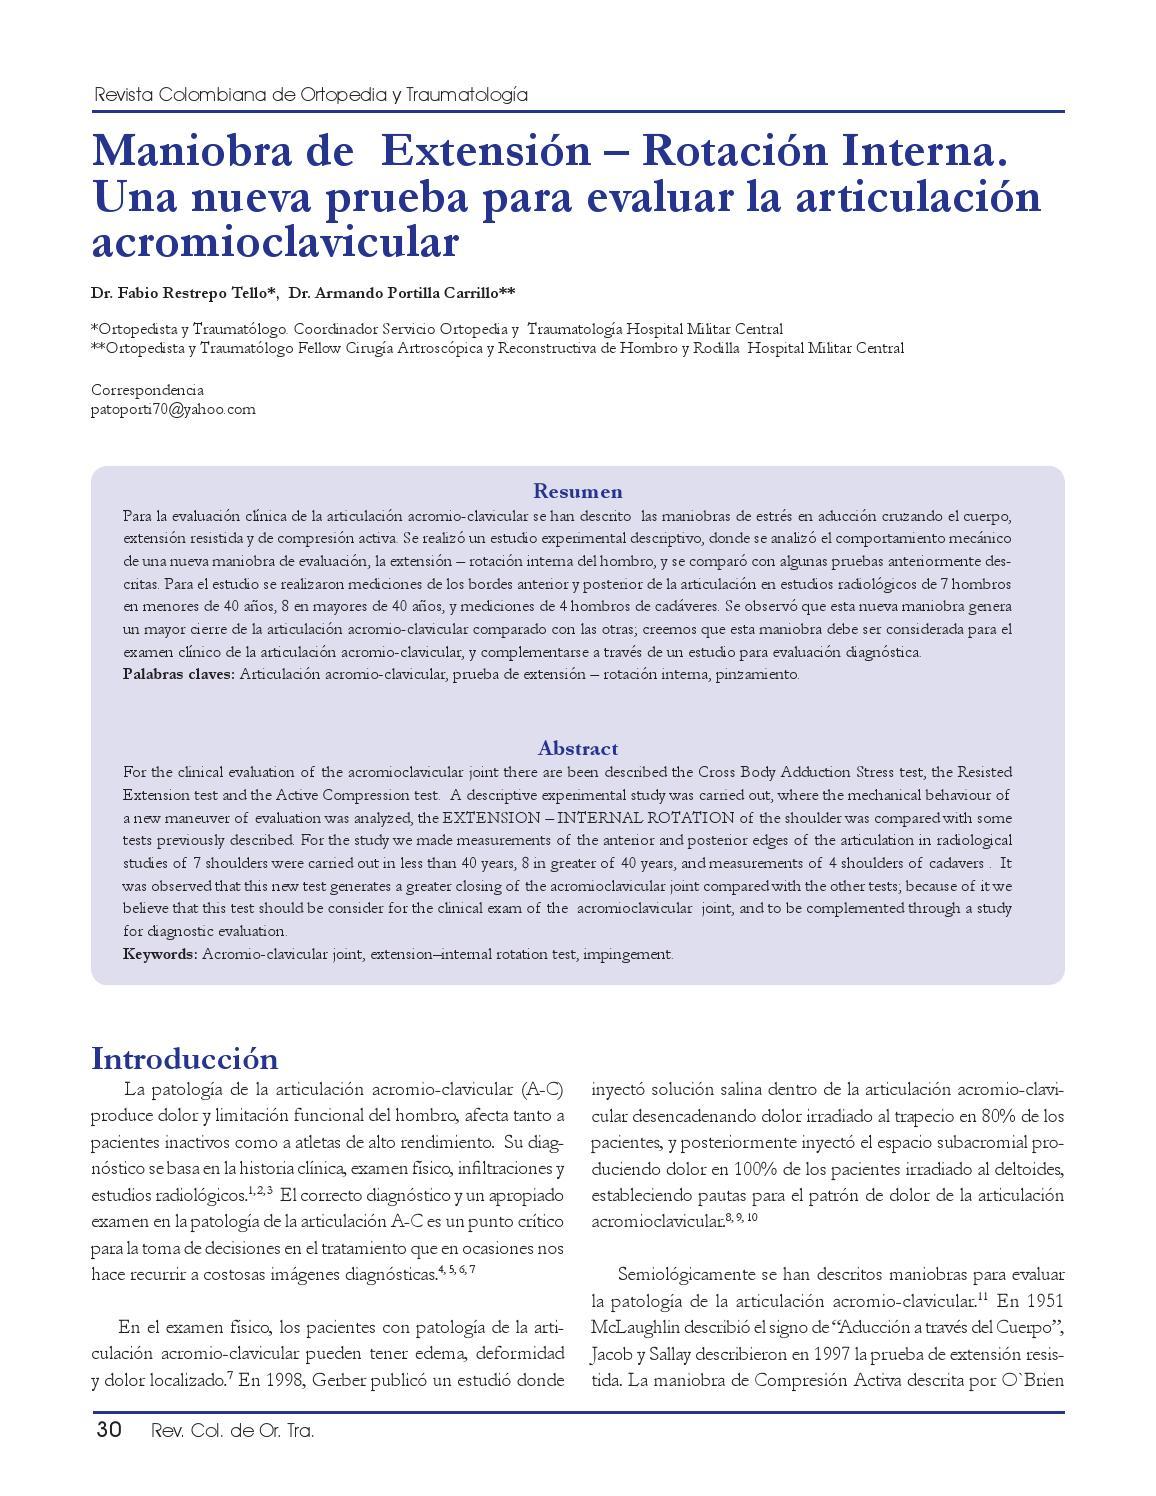 Maniobra de Extensión – Rotación Interna. by Andrés Aldana - issuu